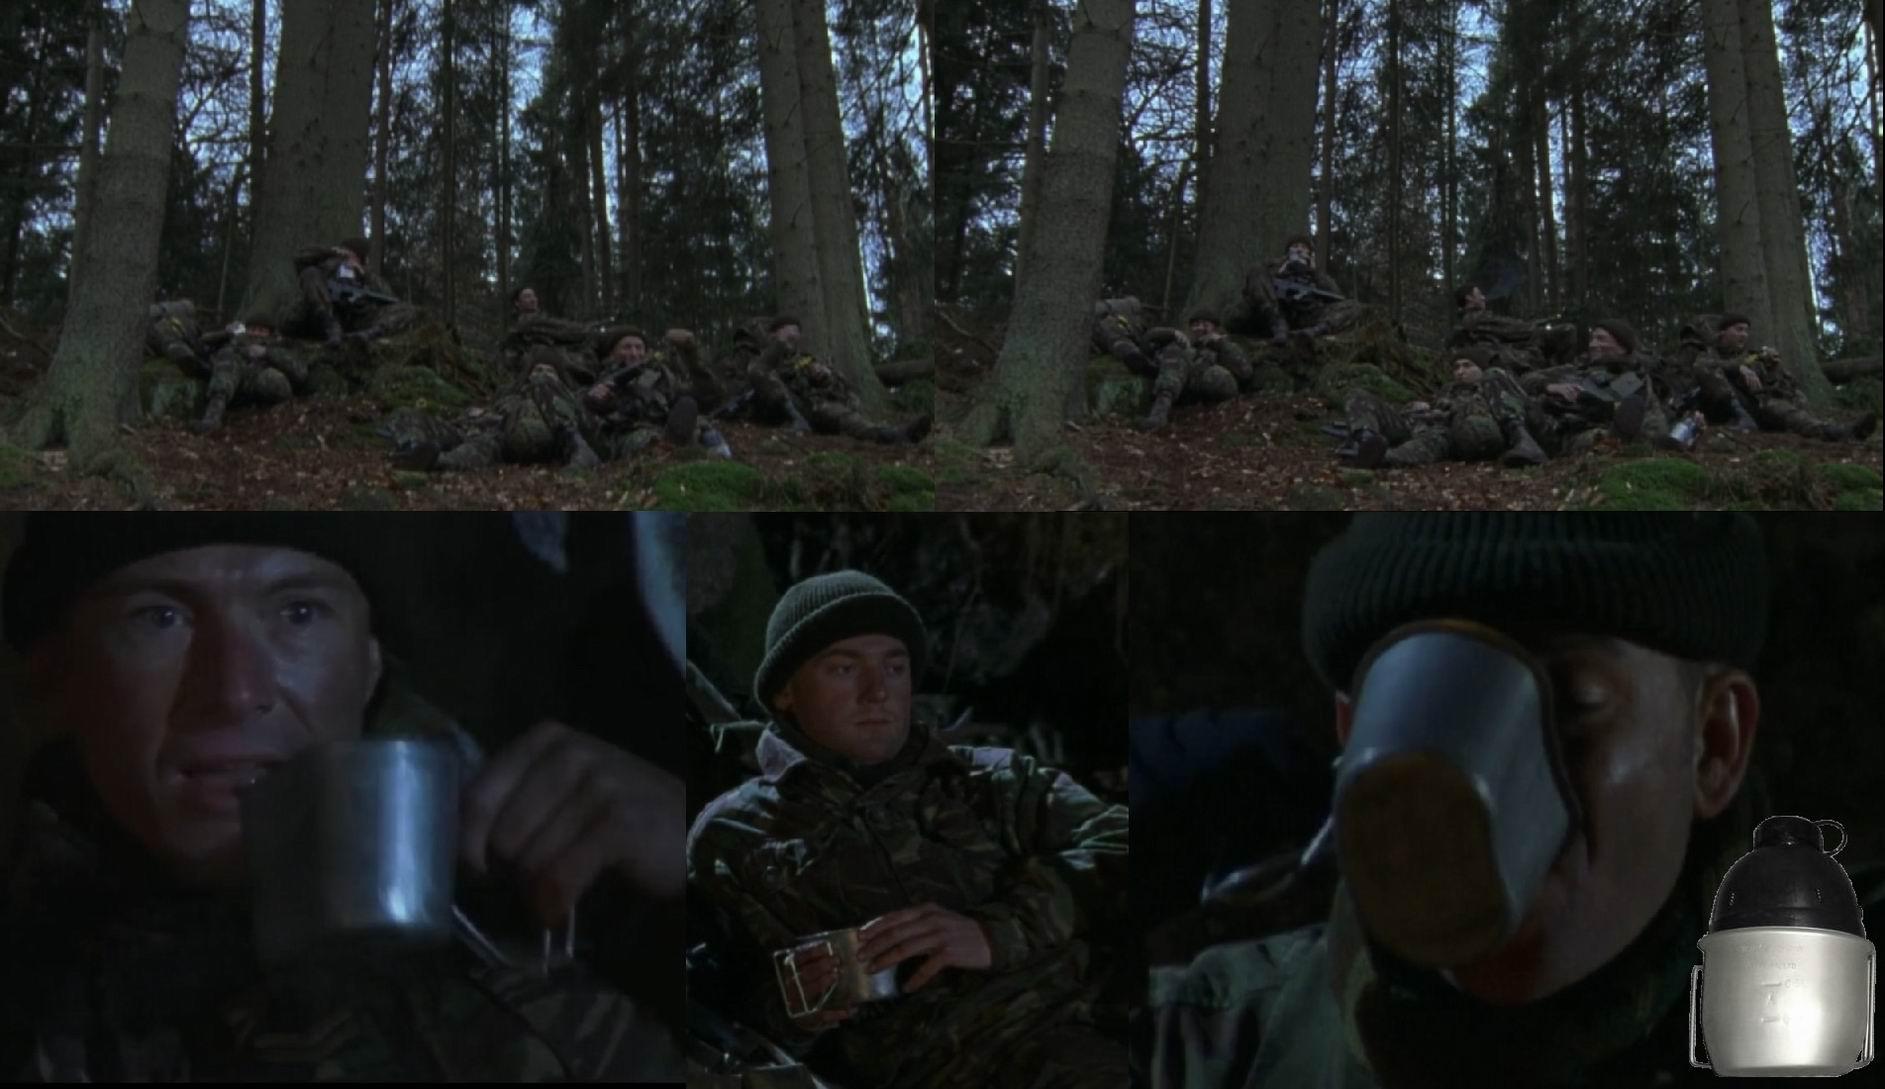 В то время как все солдаты в фильме имеют металлическую кружку. Это удобнее (можно подогревать на открытом огне), и характерно для ВДВ и войск Спецназначения (официально введено в 1992г.. на практике появилось раньше).